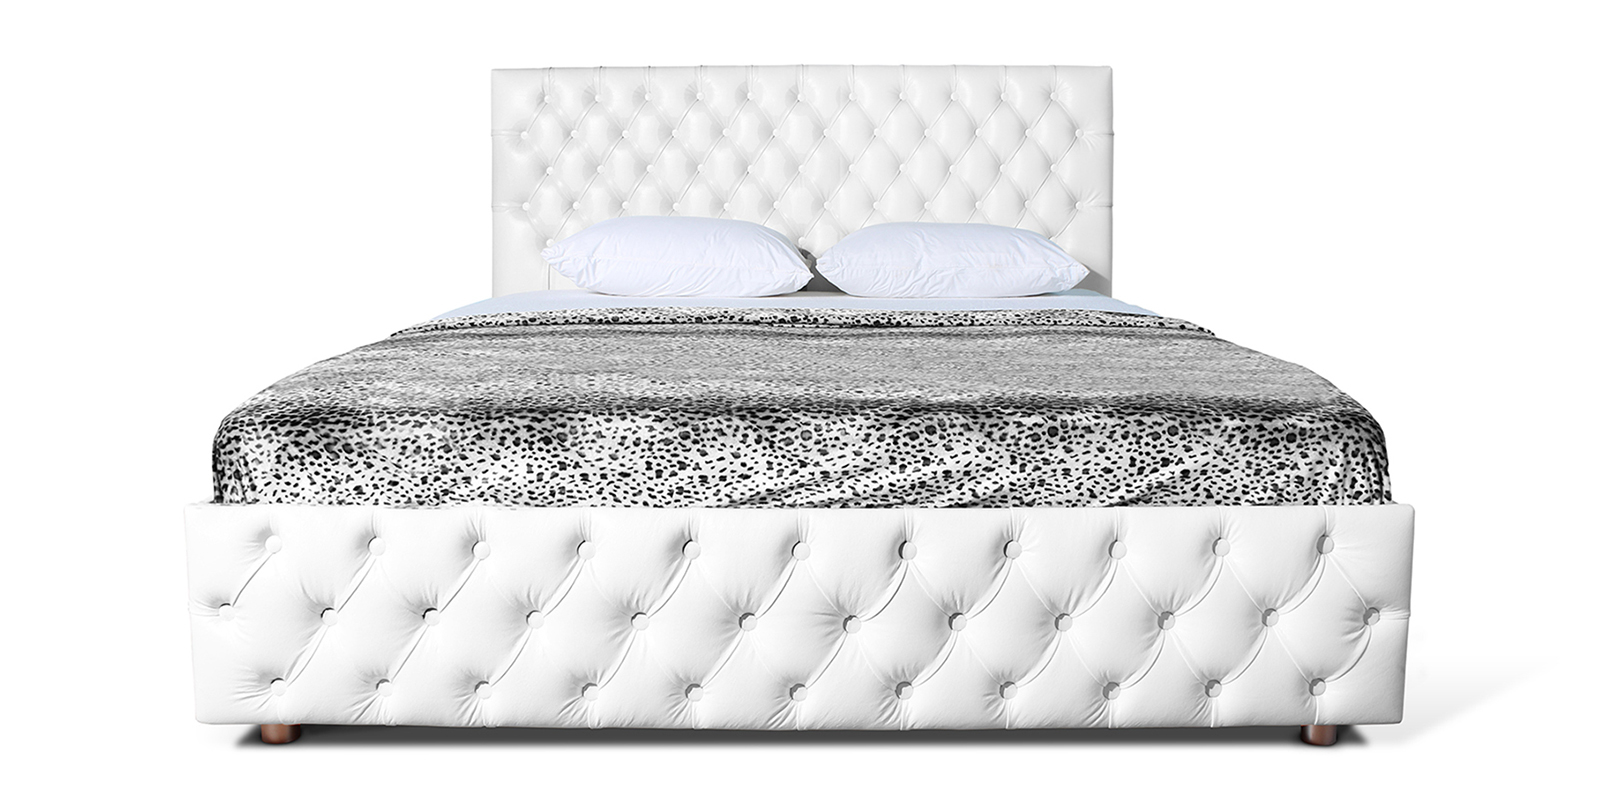 Мягкая кровать 200х160 Малибу вариант №4 с ортопедическим основанием (Белый)